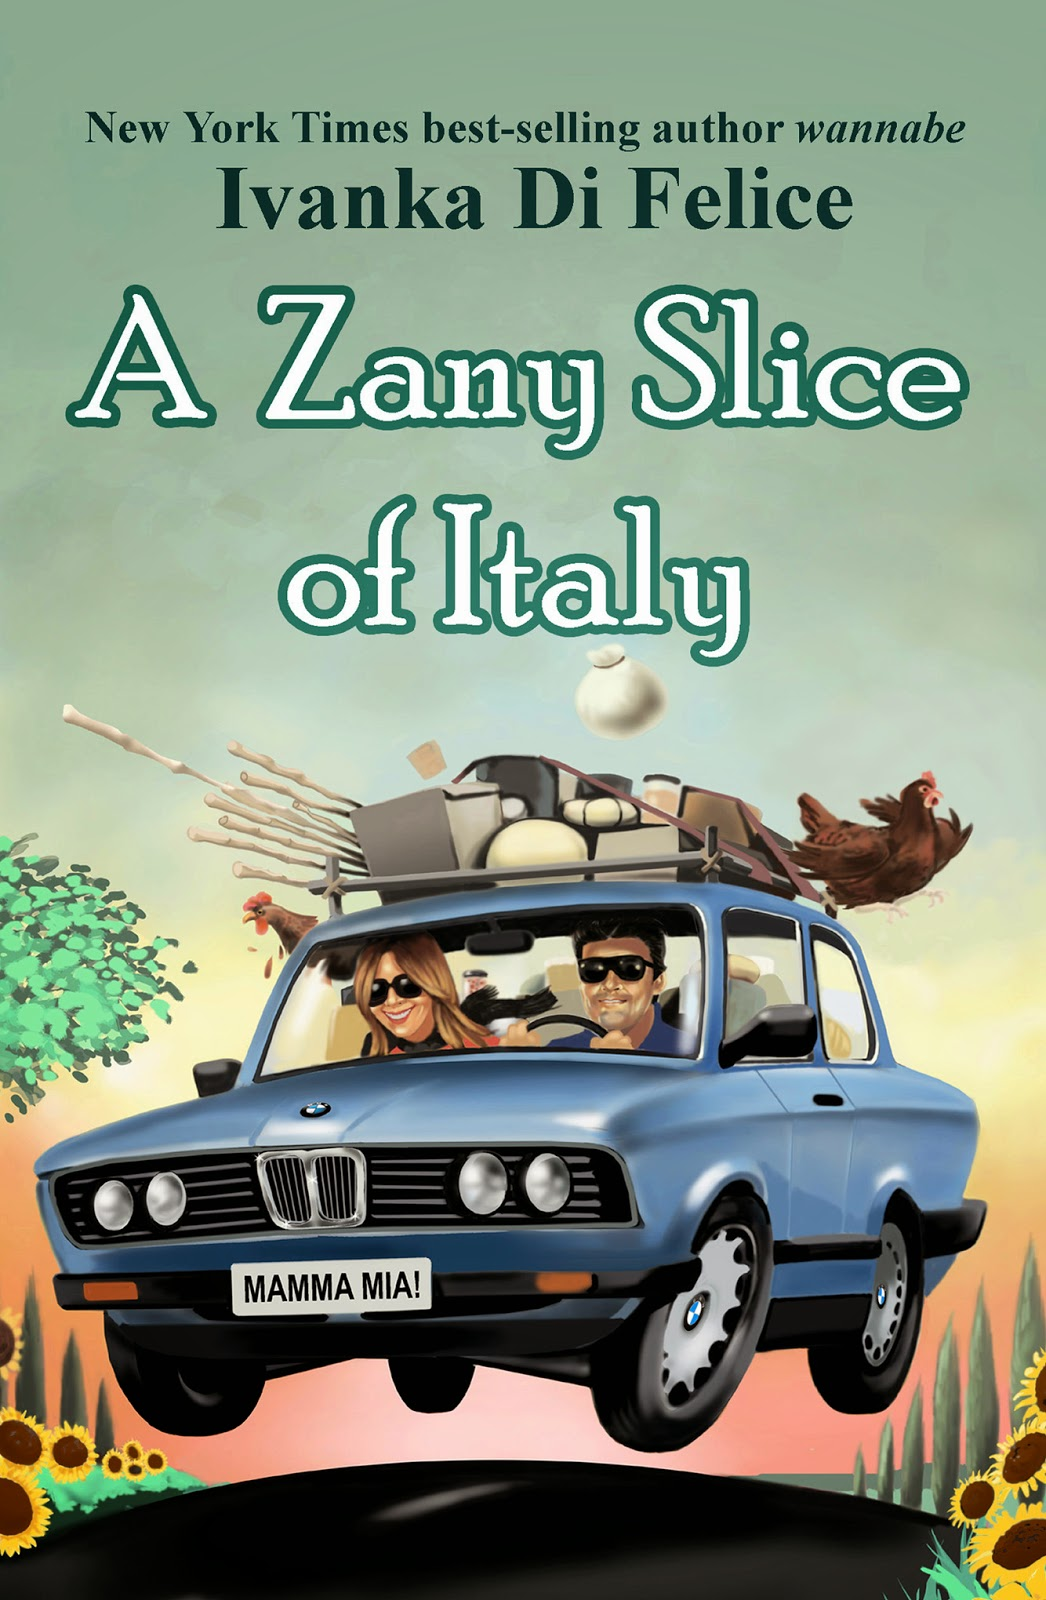 http://www.amazon.com/Zany-Slice-Italy-Ivanka-Felice-ebook/dp/B00JZ0Y4BW/ref=la_B00K0QTUNC_1_1?s=books&ie=UTF8&qid=1421996558&sr=1-1